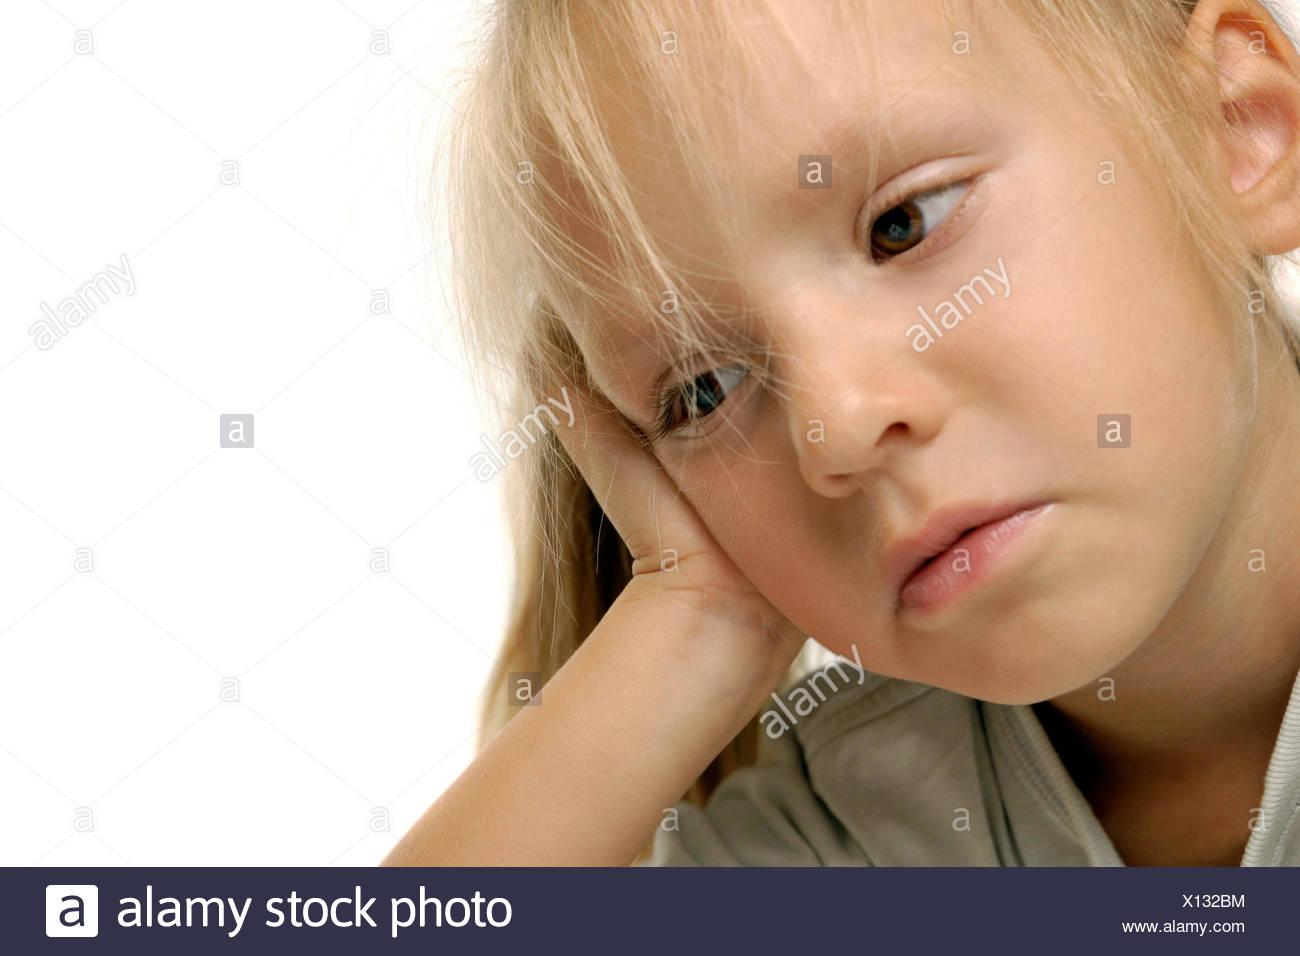 bored little girl - Stock Image